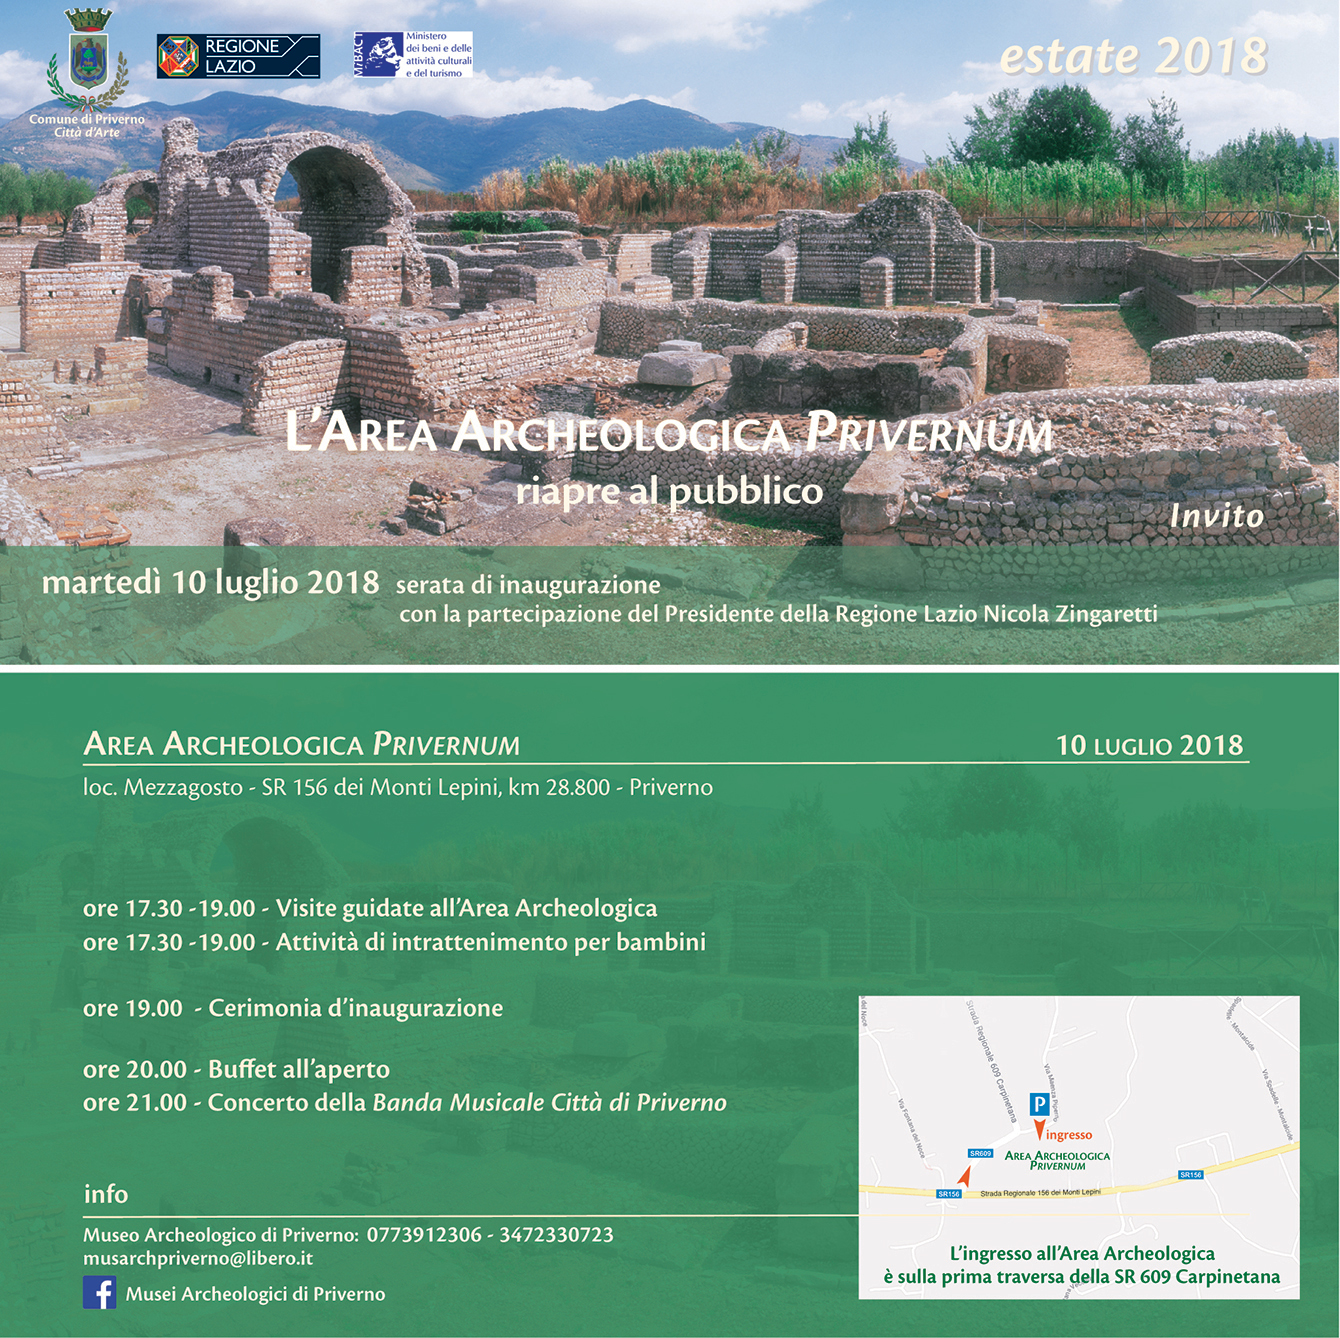 Priverno: Riapertura dell'area Archeologica di Privernum @ Area Archeologica Privernum | Mezzagosto | Lazio | Italia